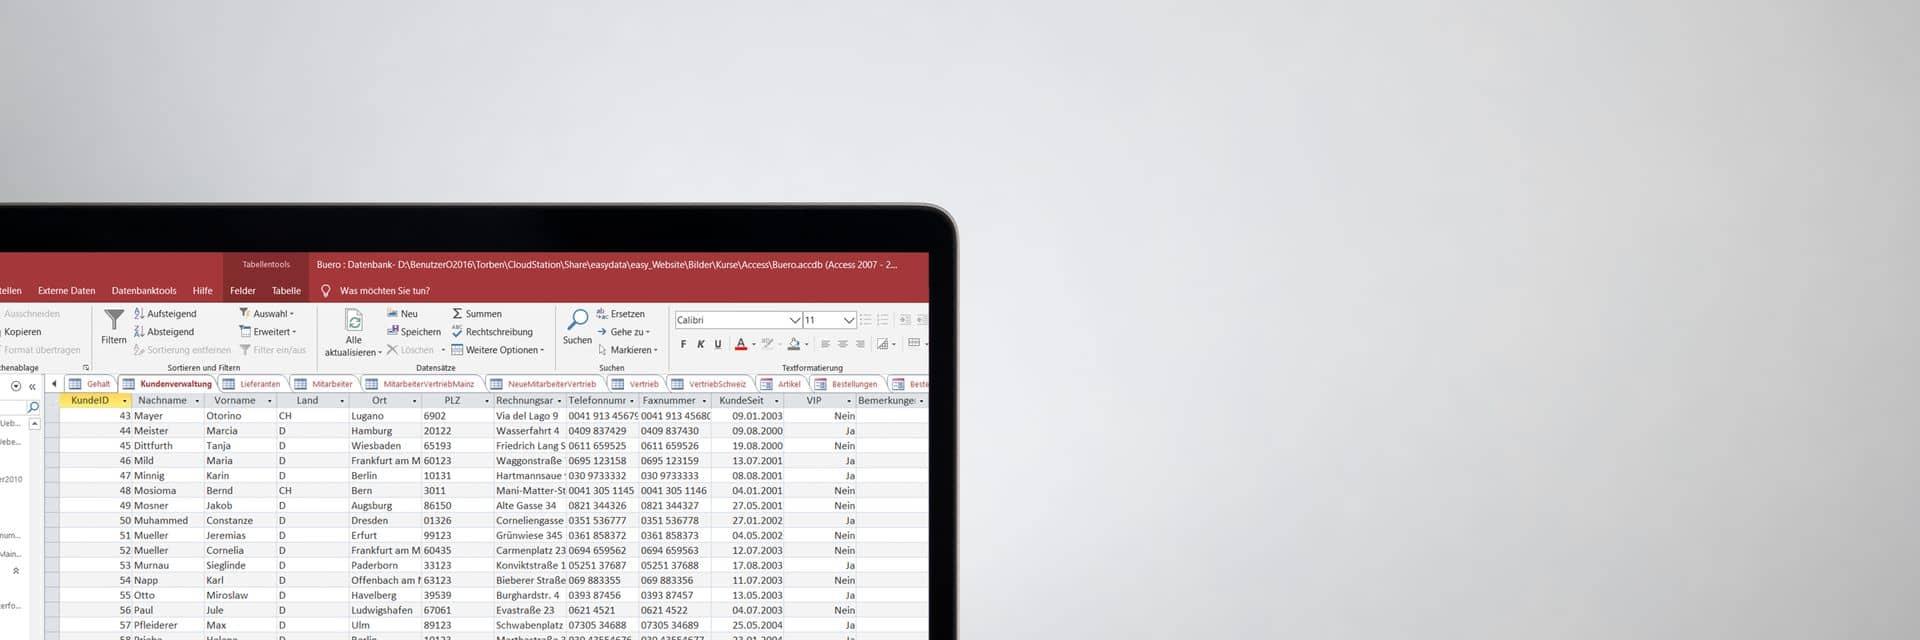 Exemplarische Tabellenansicht einer Access-Datenbank  auf einem Laptop